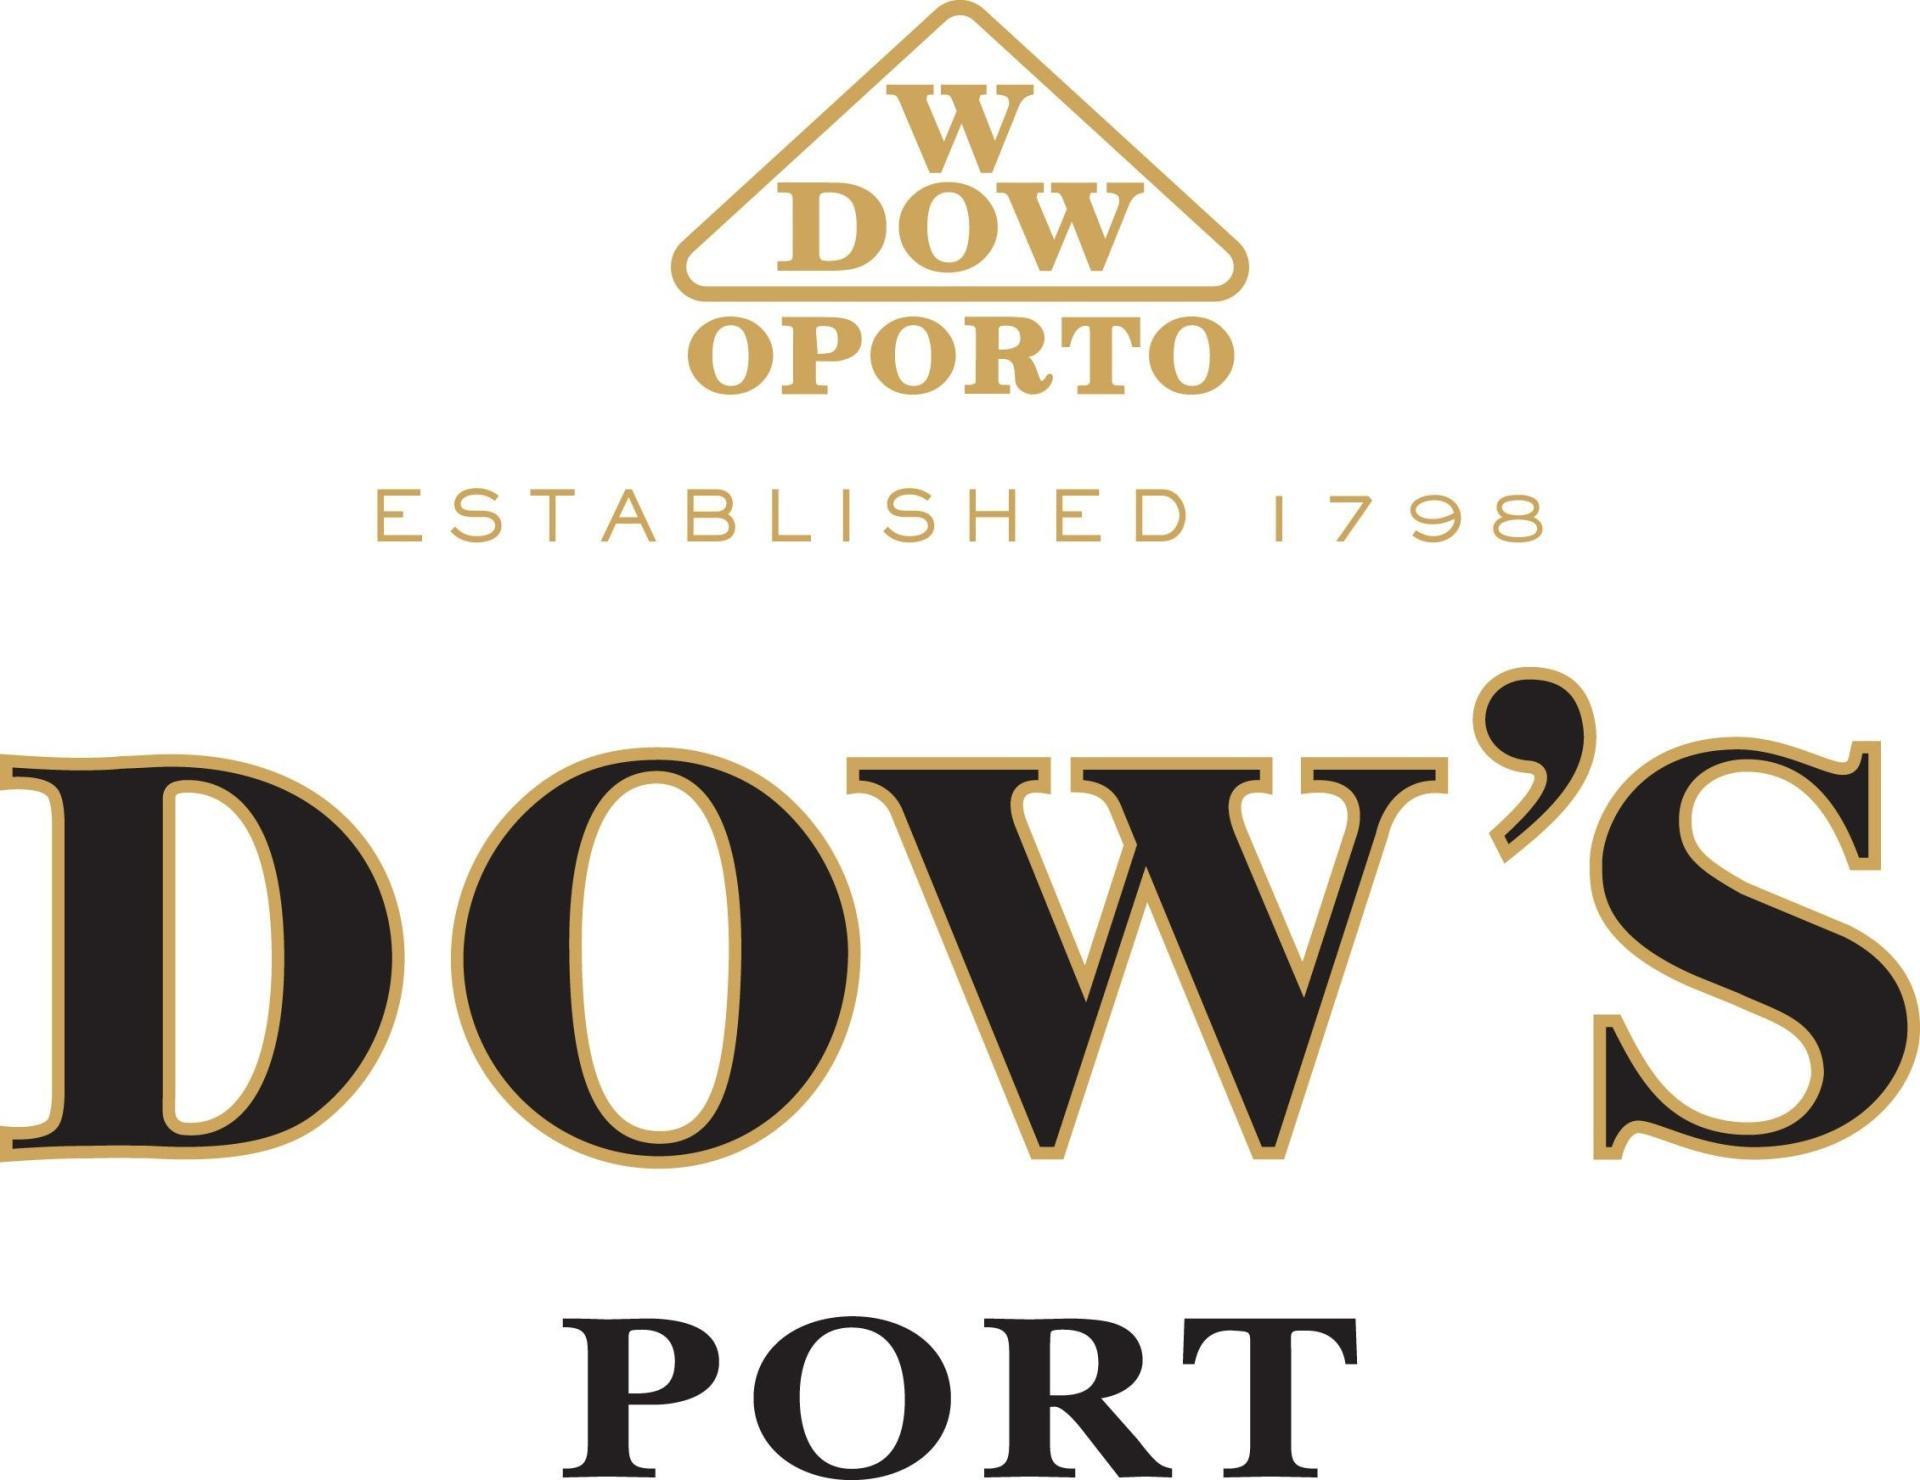 多斯波特酒酒庄(Dow's Port)